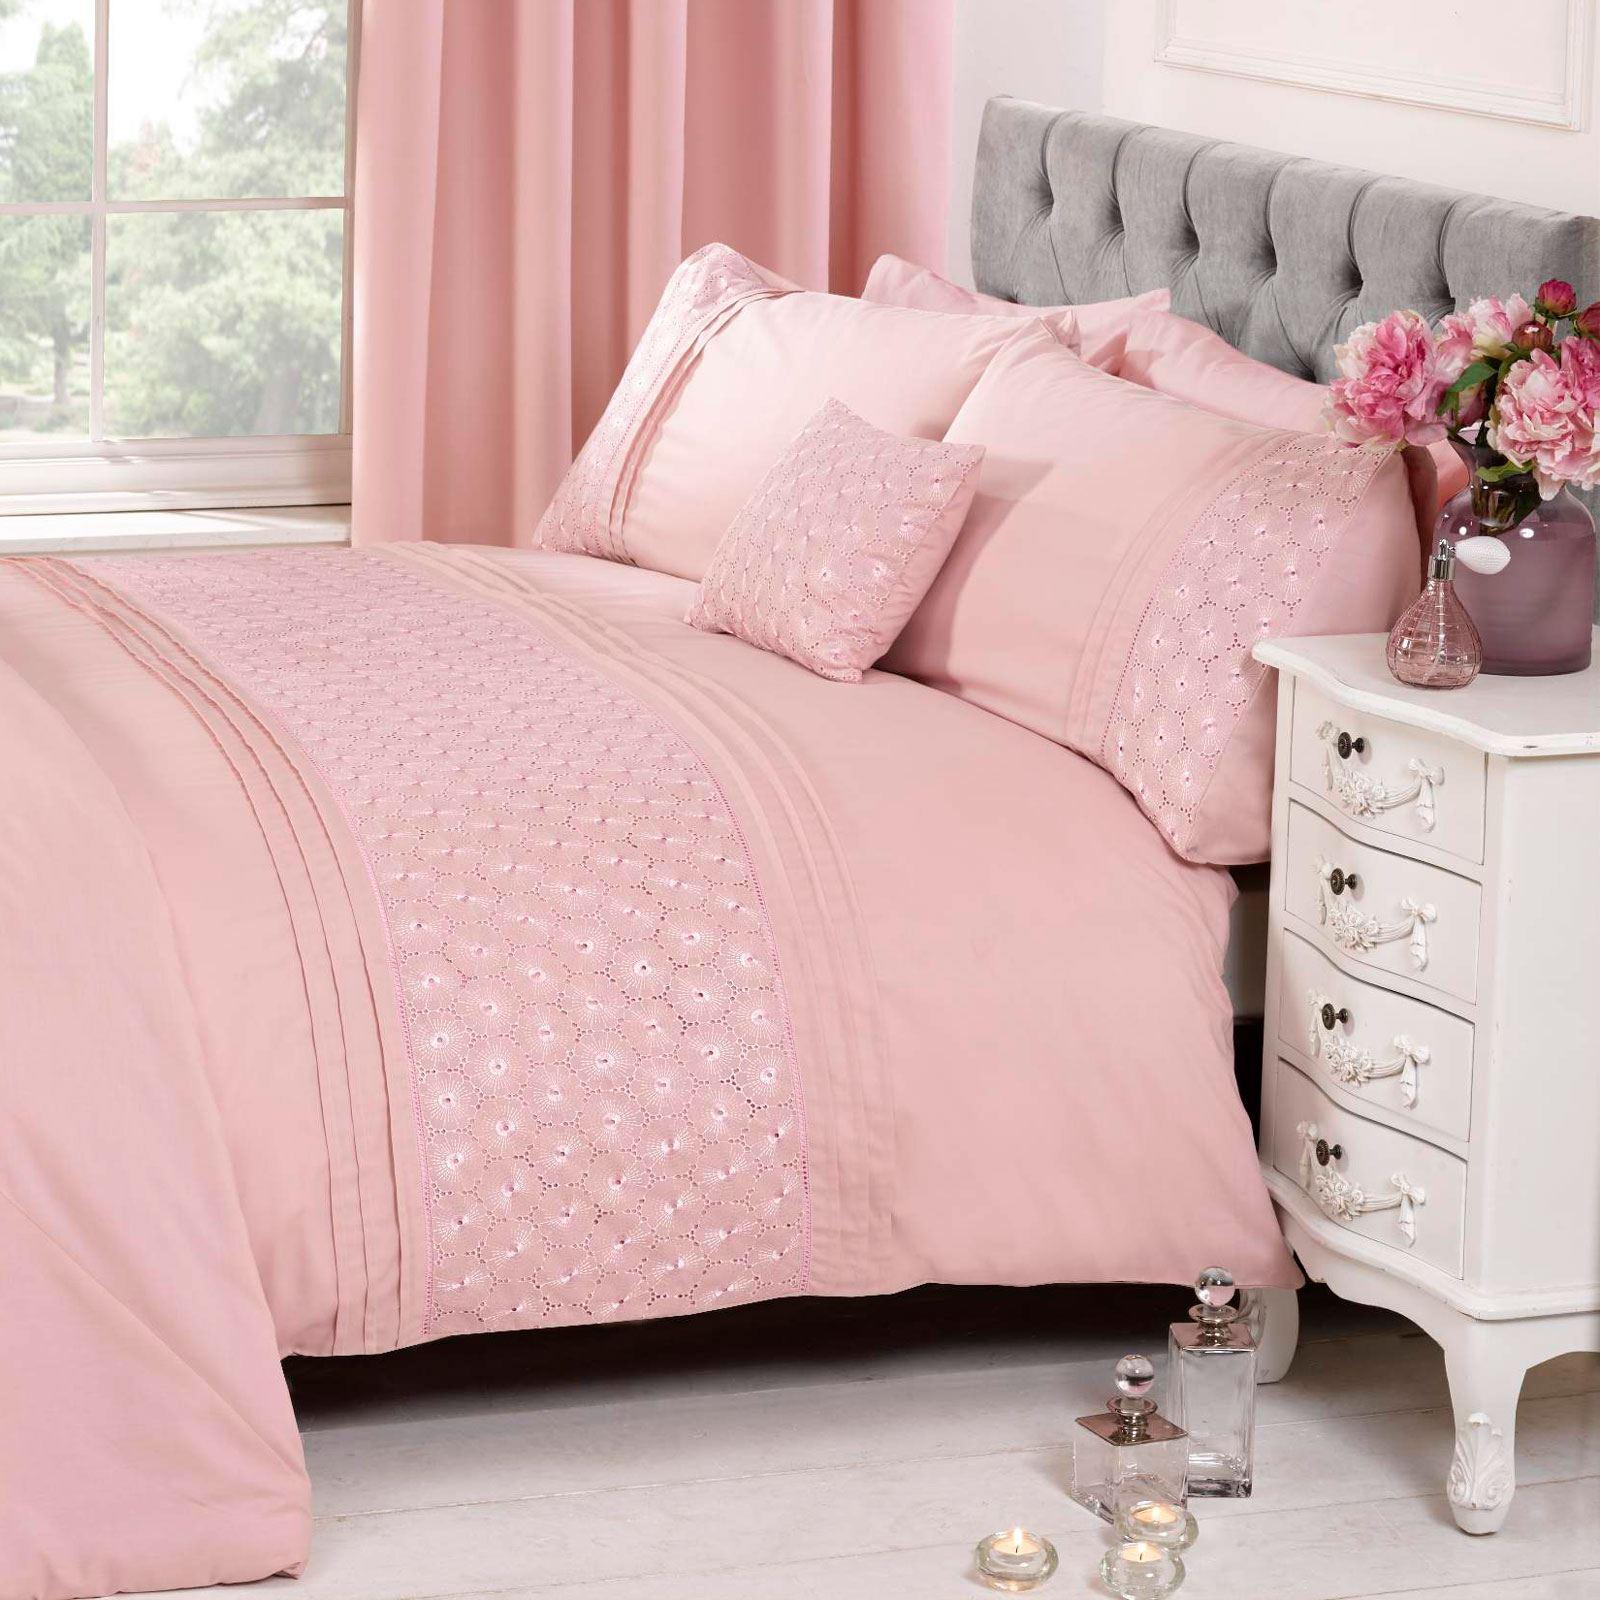 Everdean Floral Blush Pink King Size Duvet Cover Set Luxury Bedding 5027491463720 Ebay